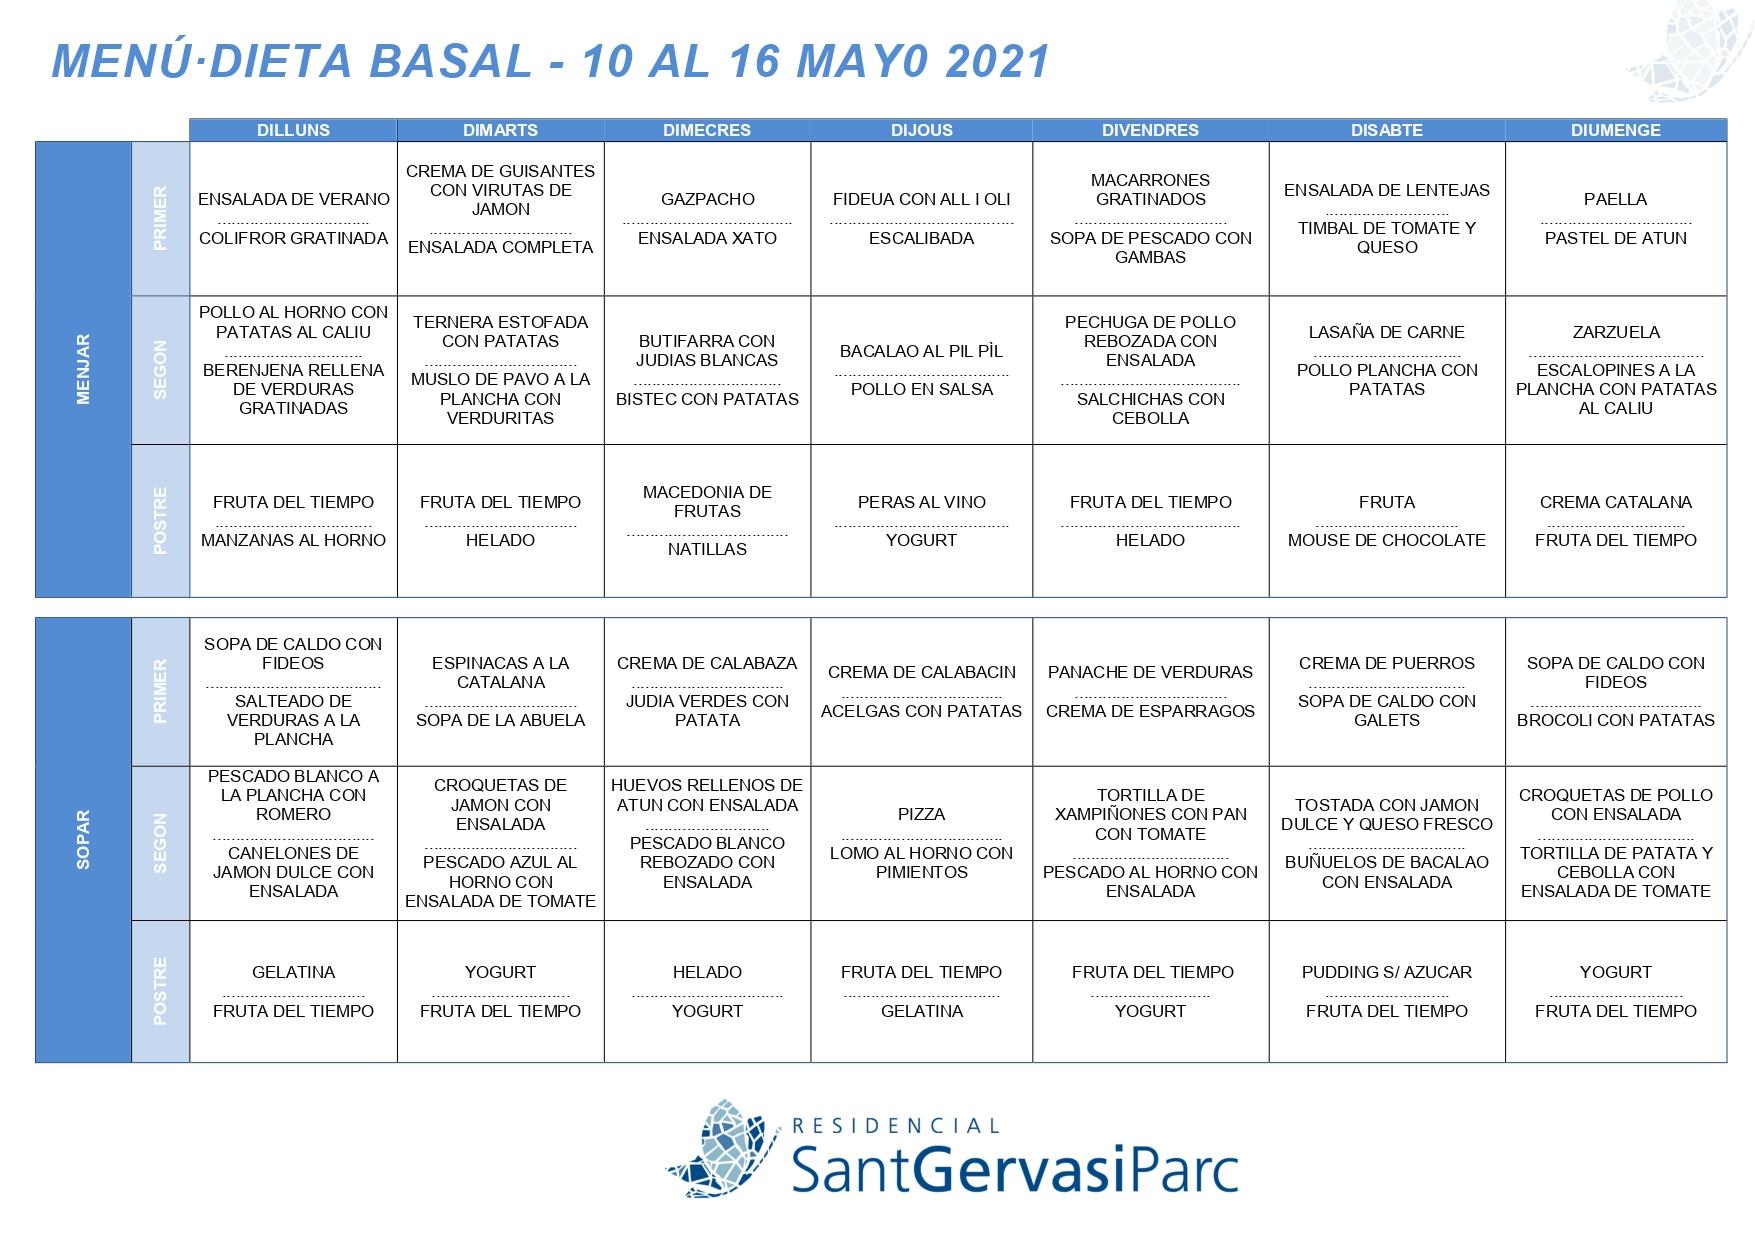 Menú del 10 al 16 mayo 2021